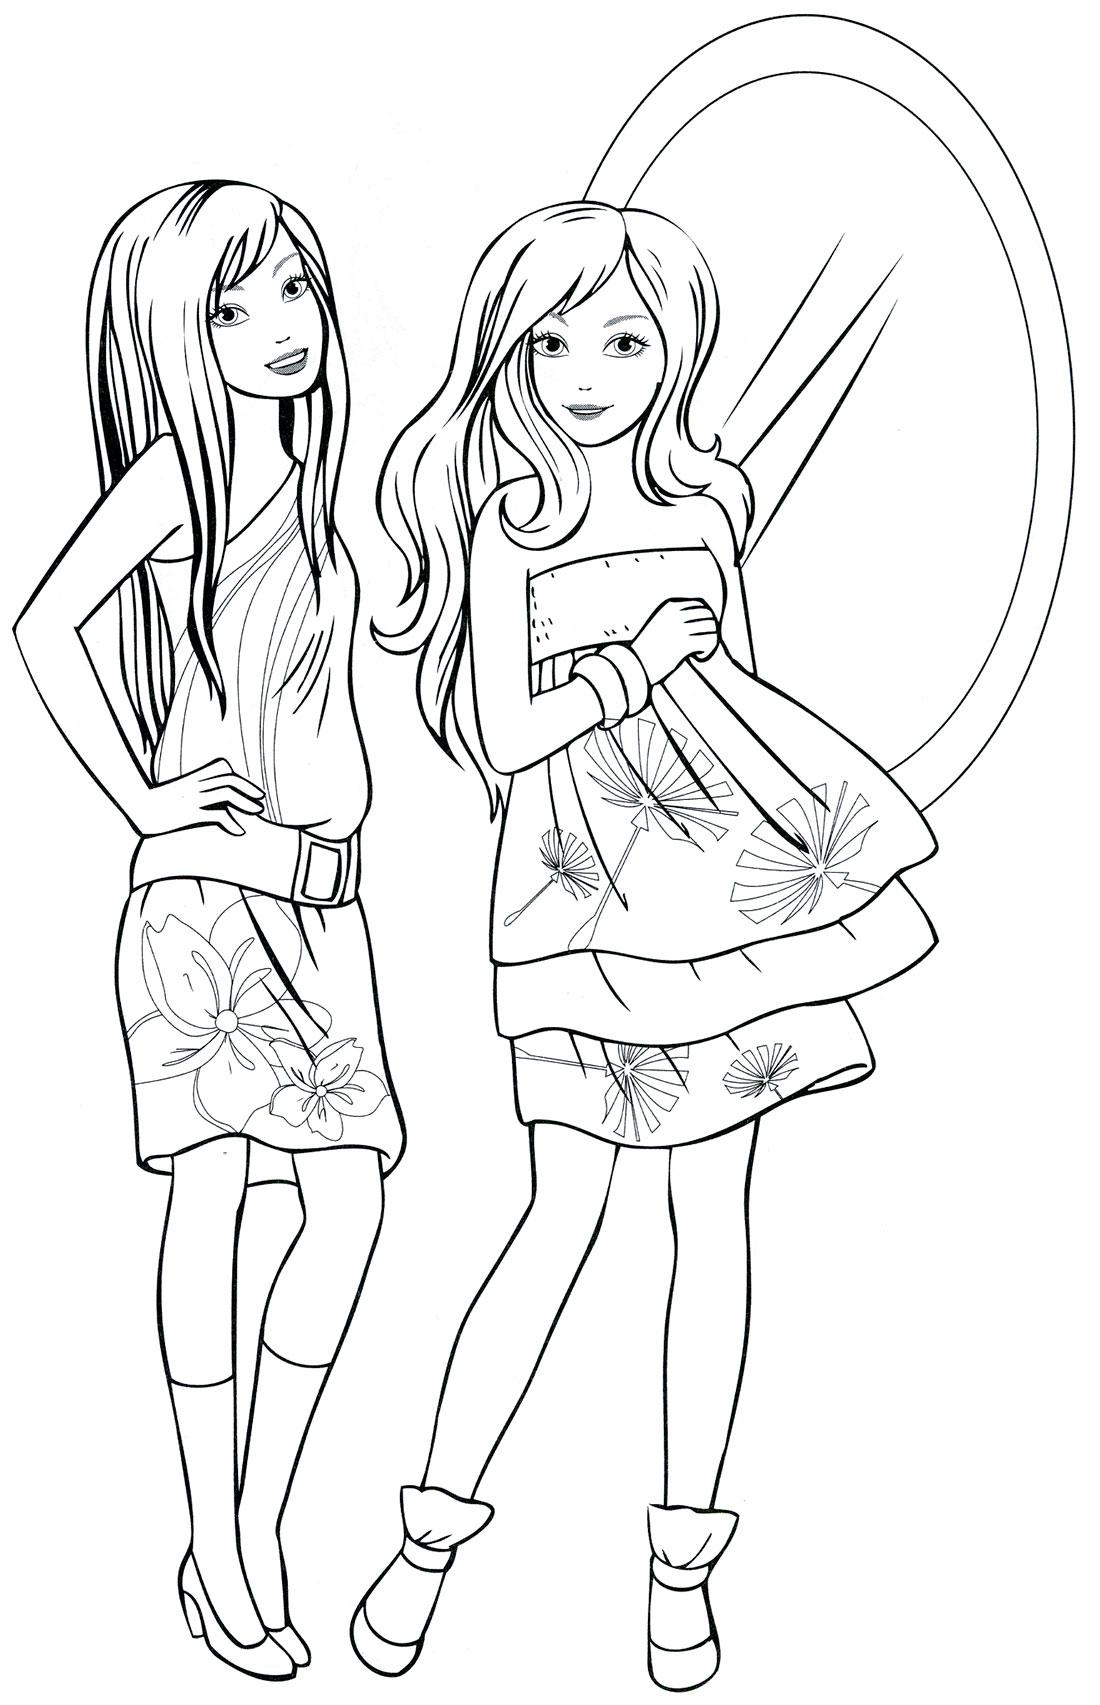 Раскраски для девочек да 7 лет бесплатно